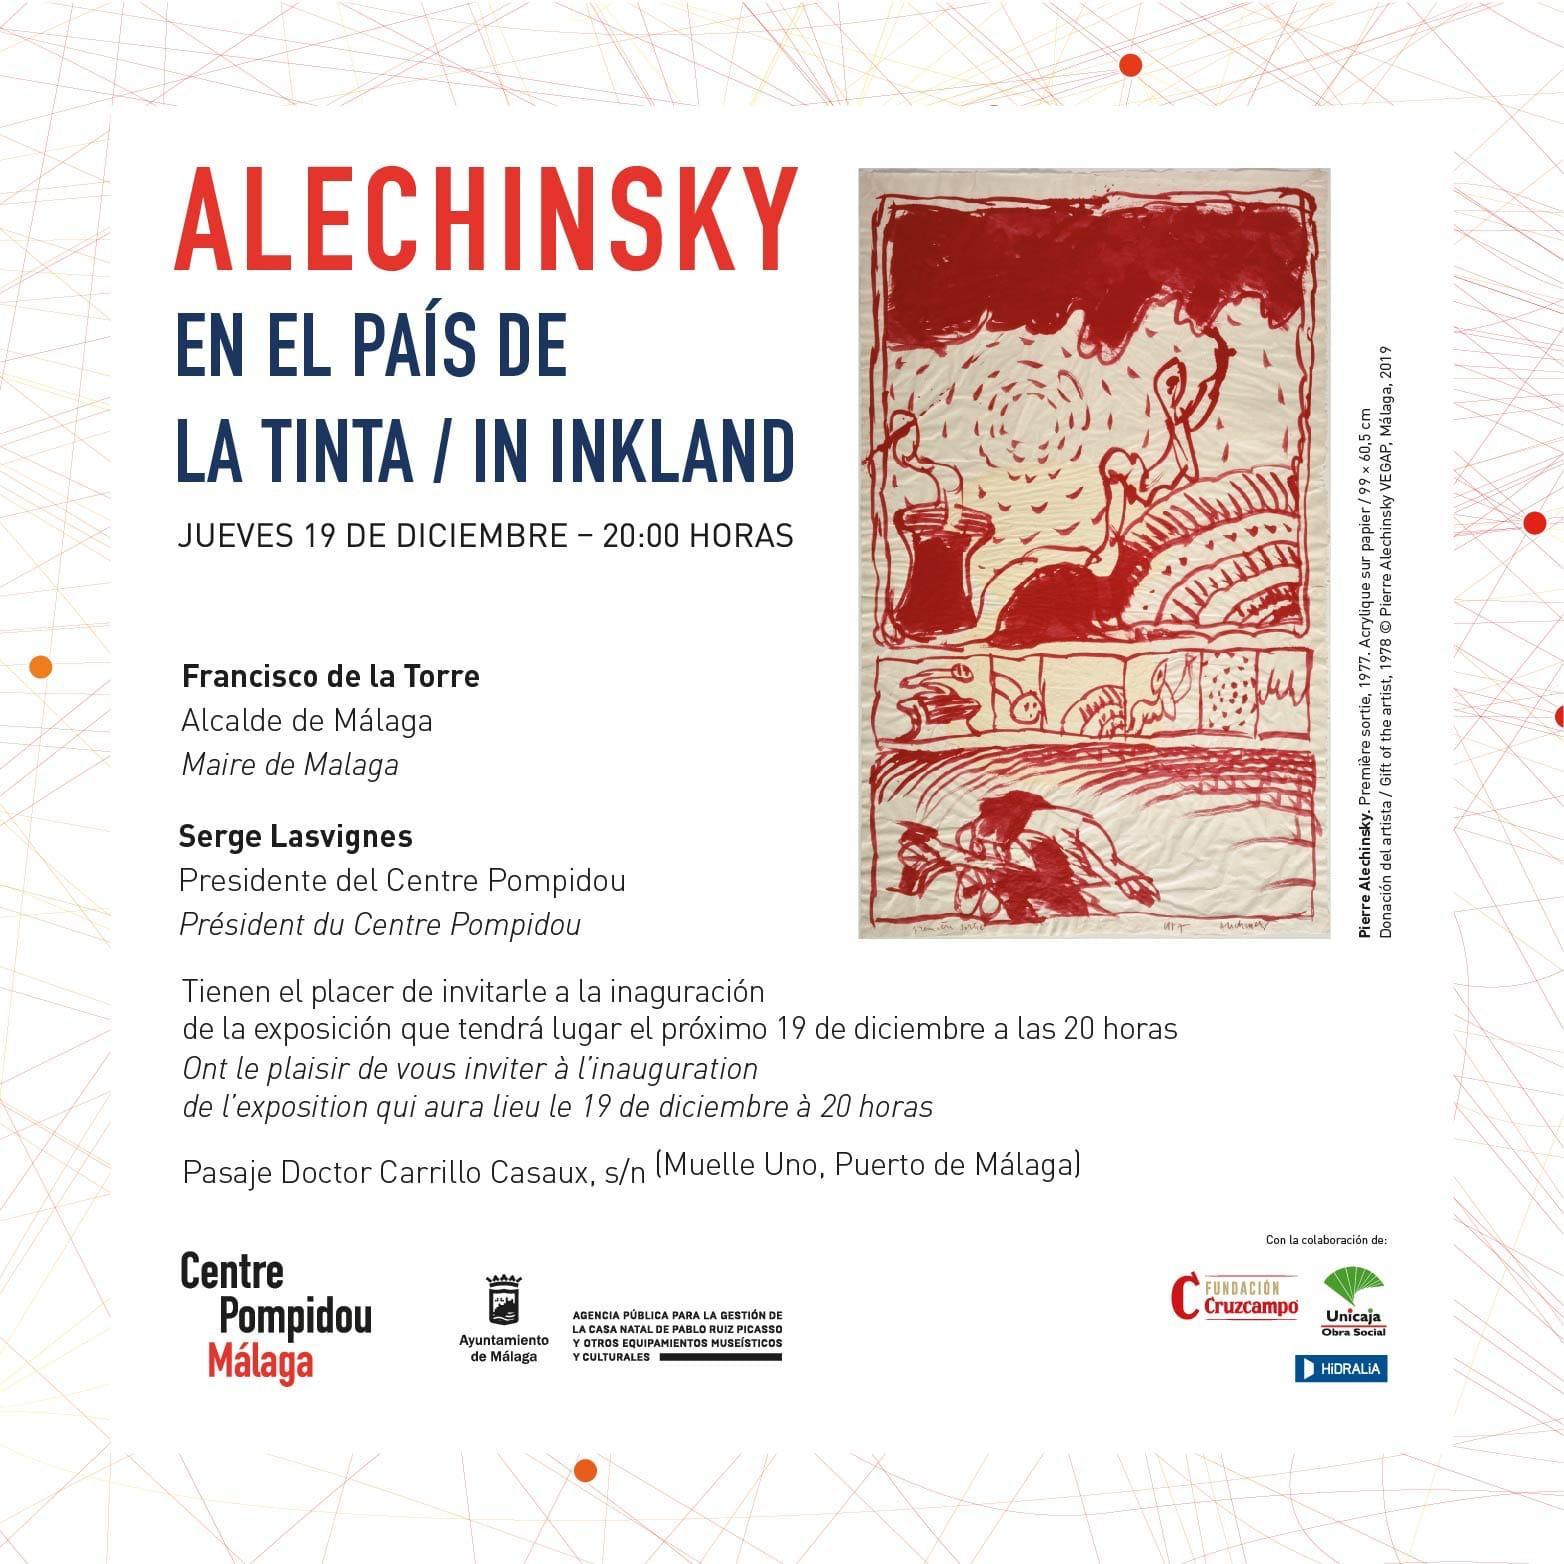 Alechinsky - Centre Pompideu